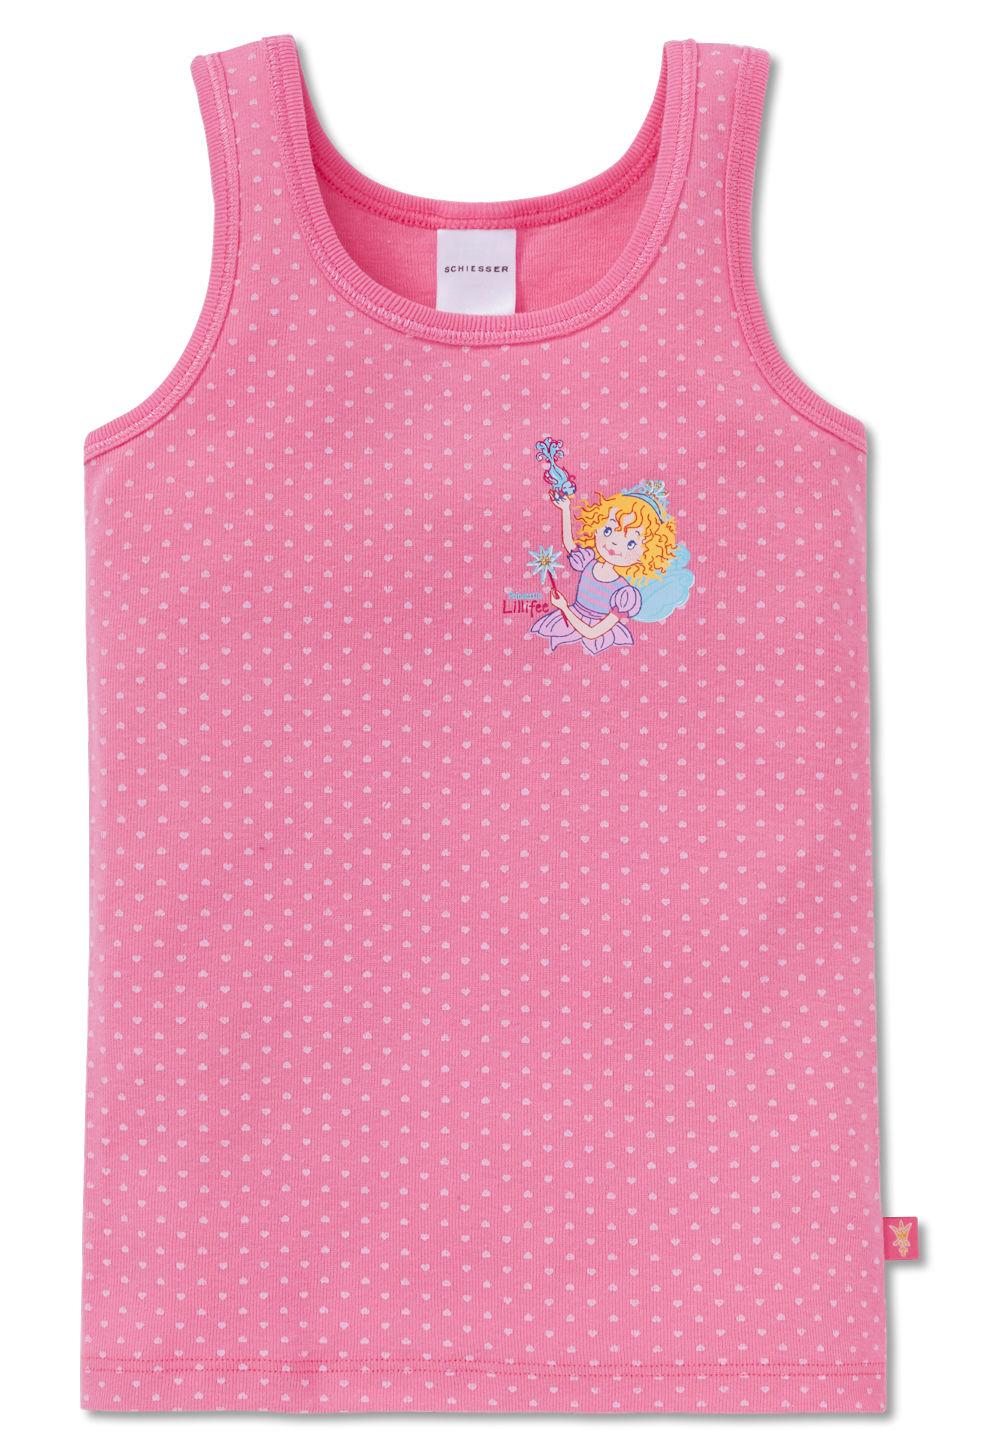 dda8fc32df6138 schiesser Mädchen Nachtzeug Nachthemd Schlafshirt Pyjama Unterwäsche ...